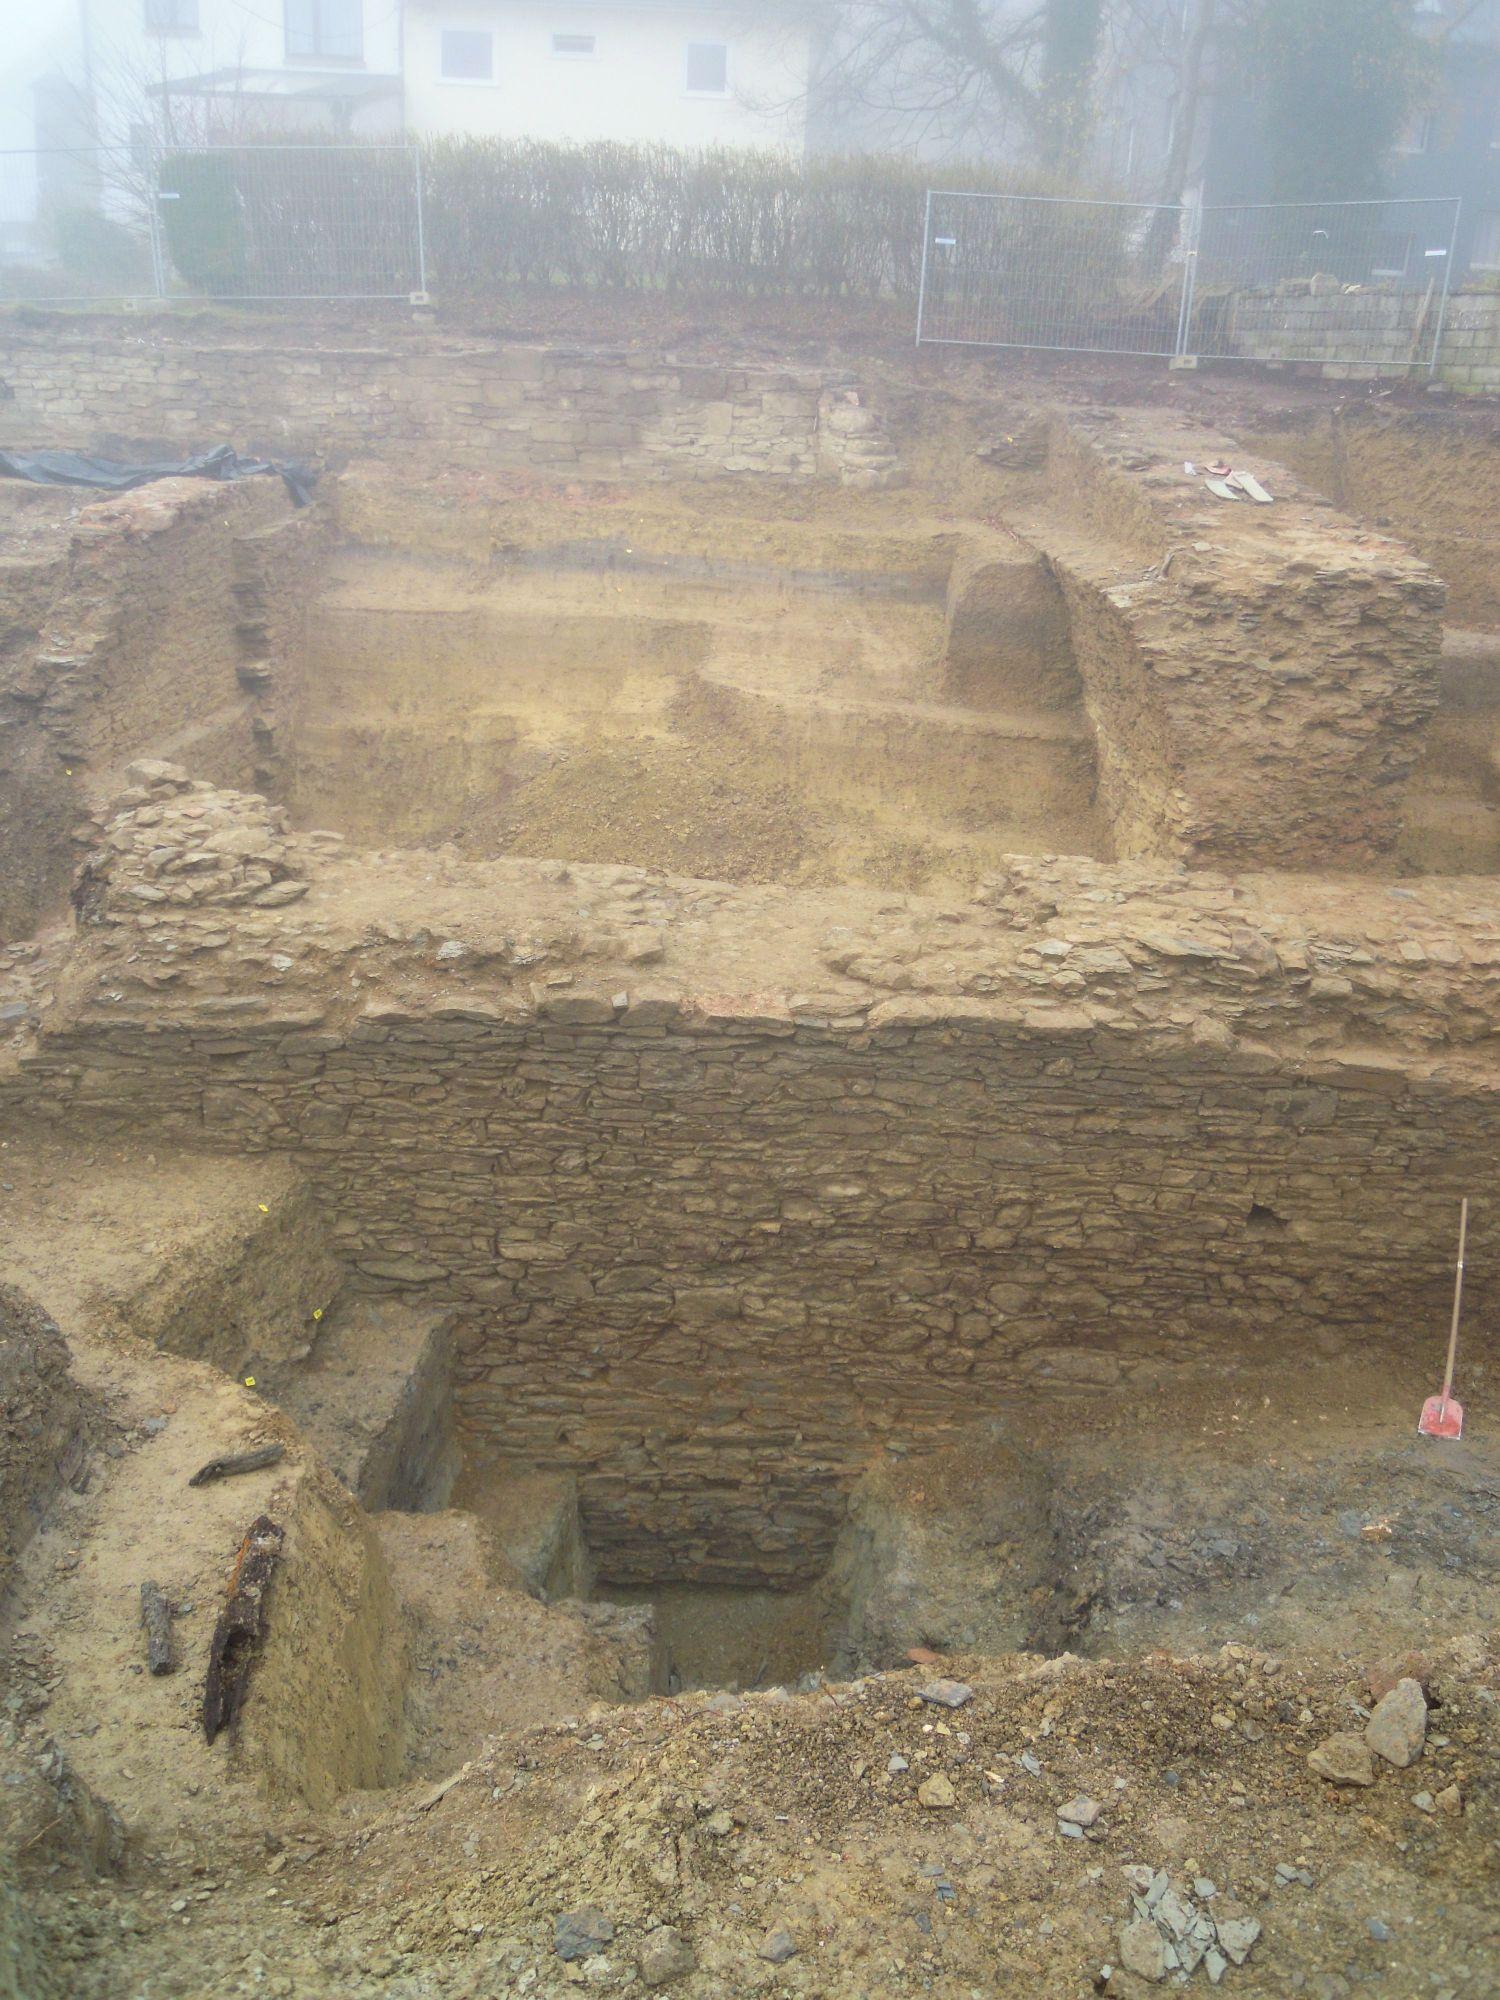 10.11.2020: Die 4 m hohe Mauer (im Vordergrund) wurde bis zum Fundament freigelegt. Die graue Färbung des Bodens (rechts) sind Überreste eines Wassergrabens.